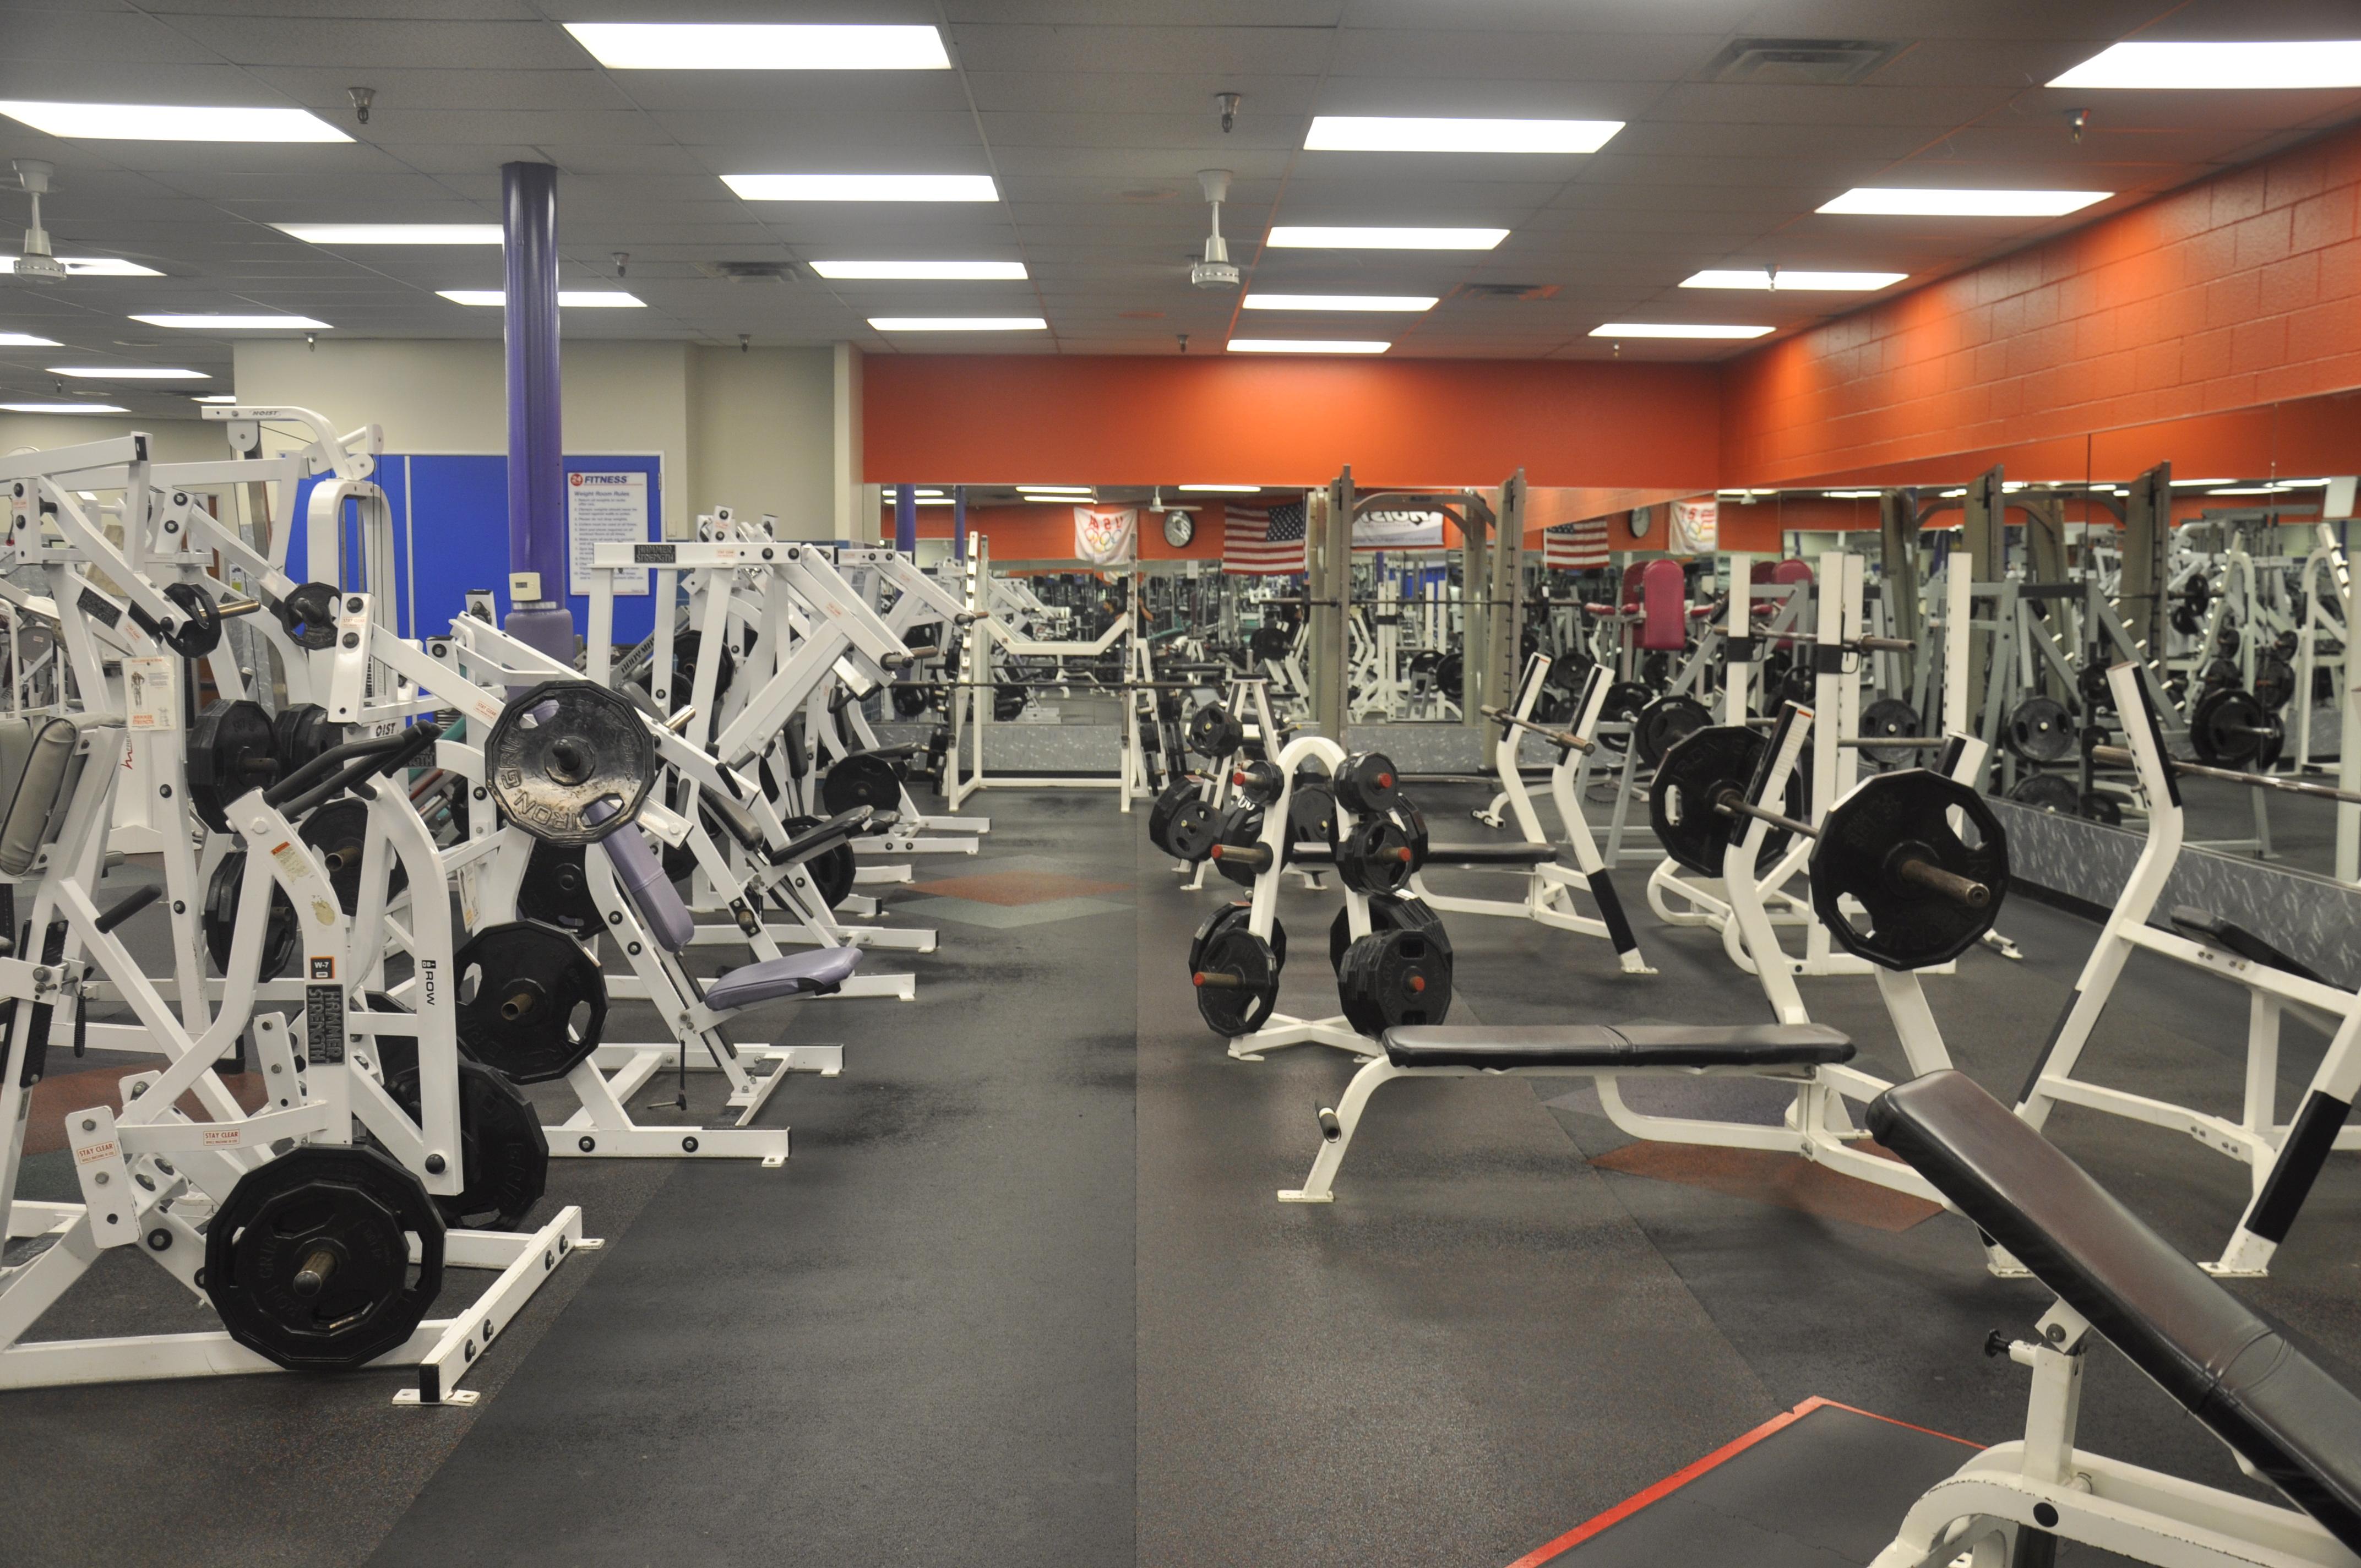 24 hour fitness san diego: